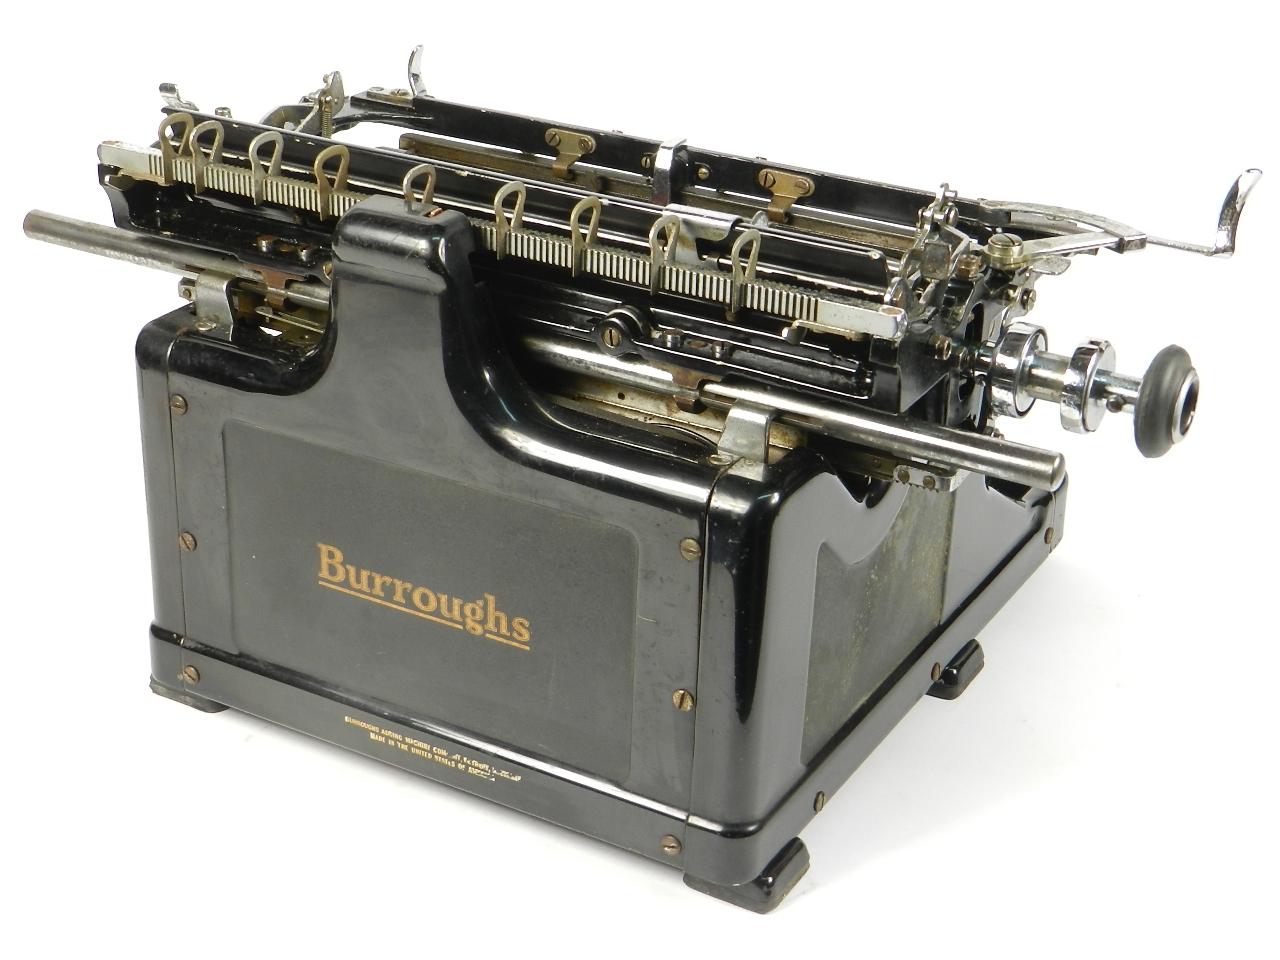 Imagen BURROUGHS STANDARD AÑO 1932 31218